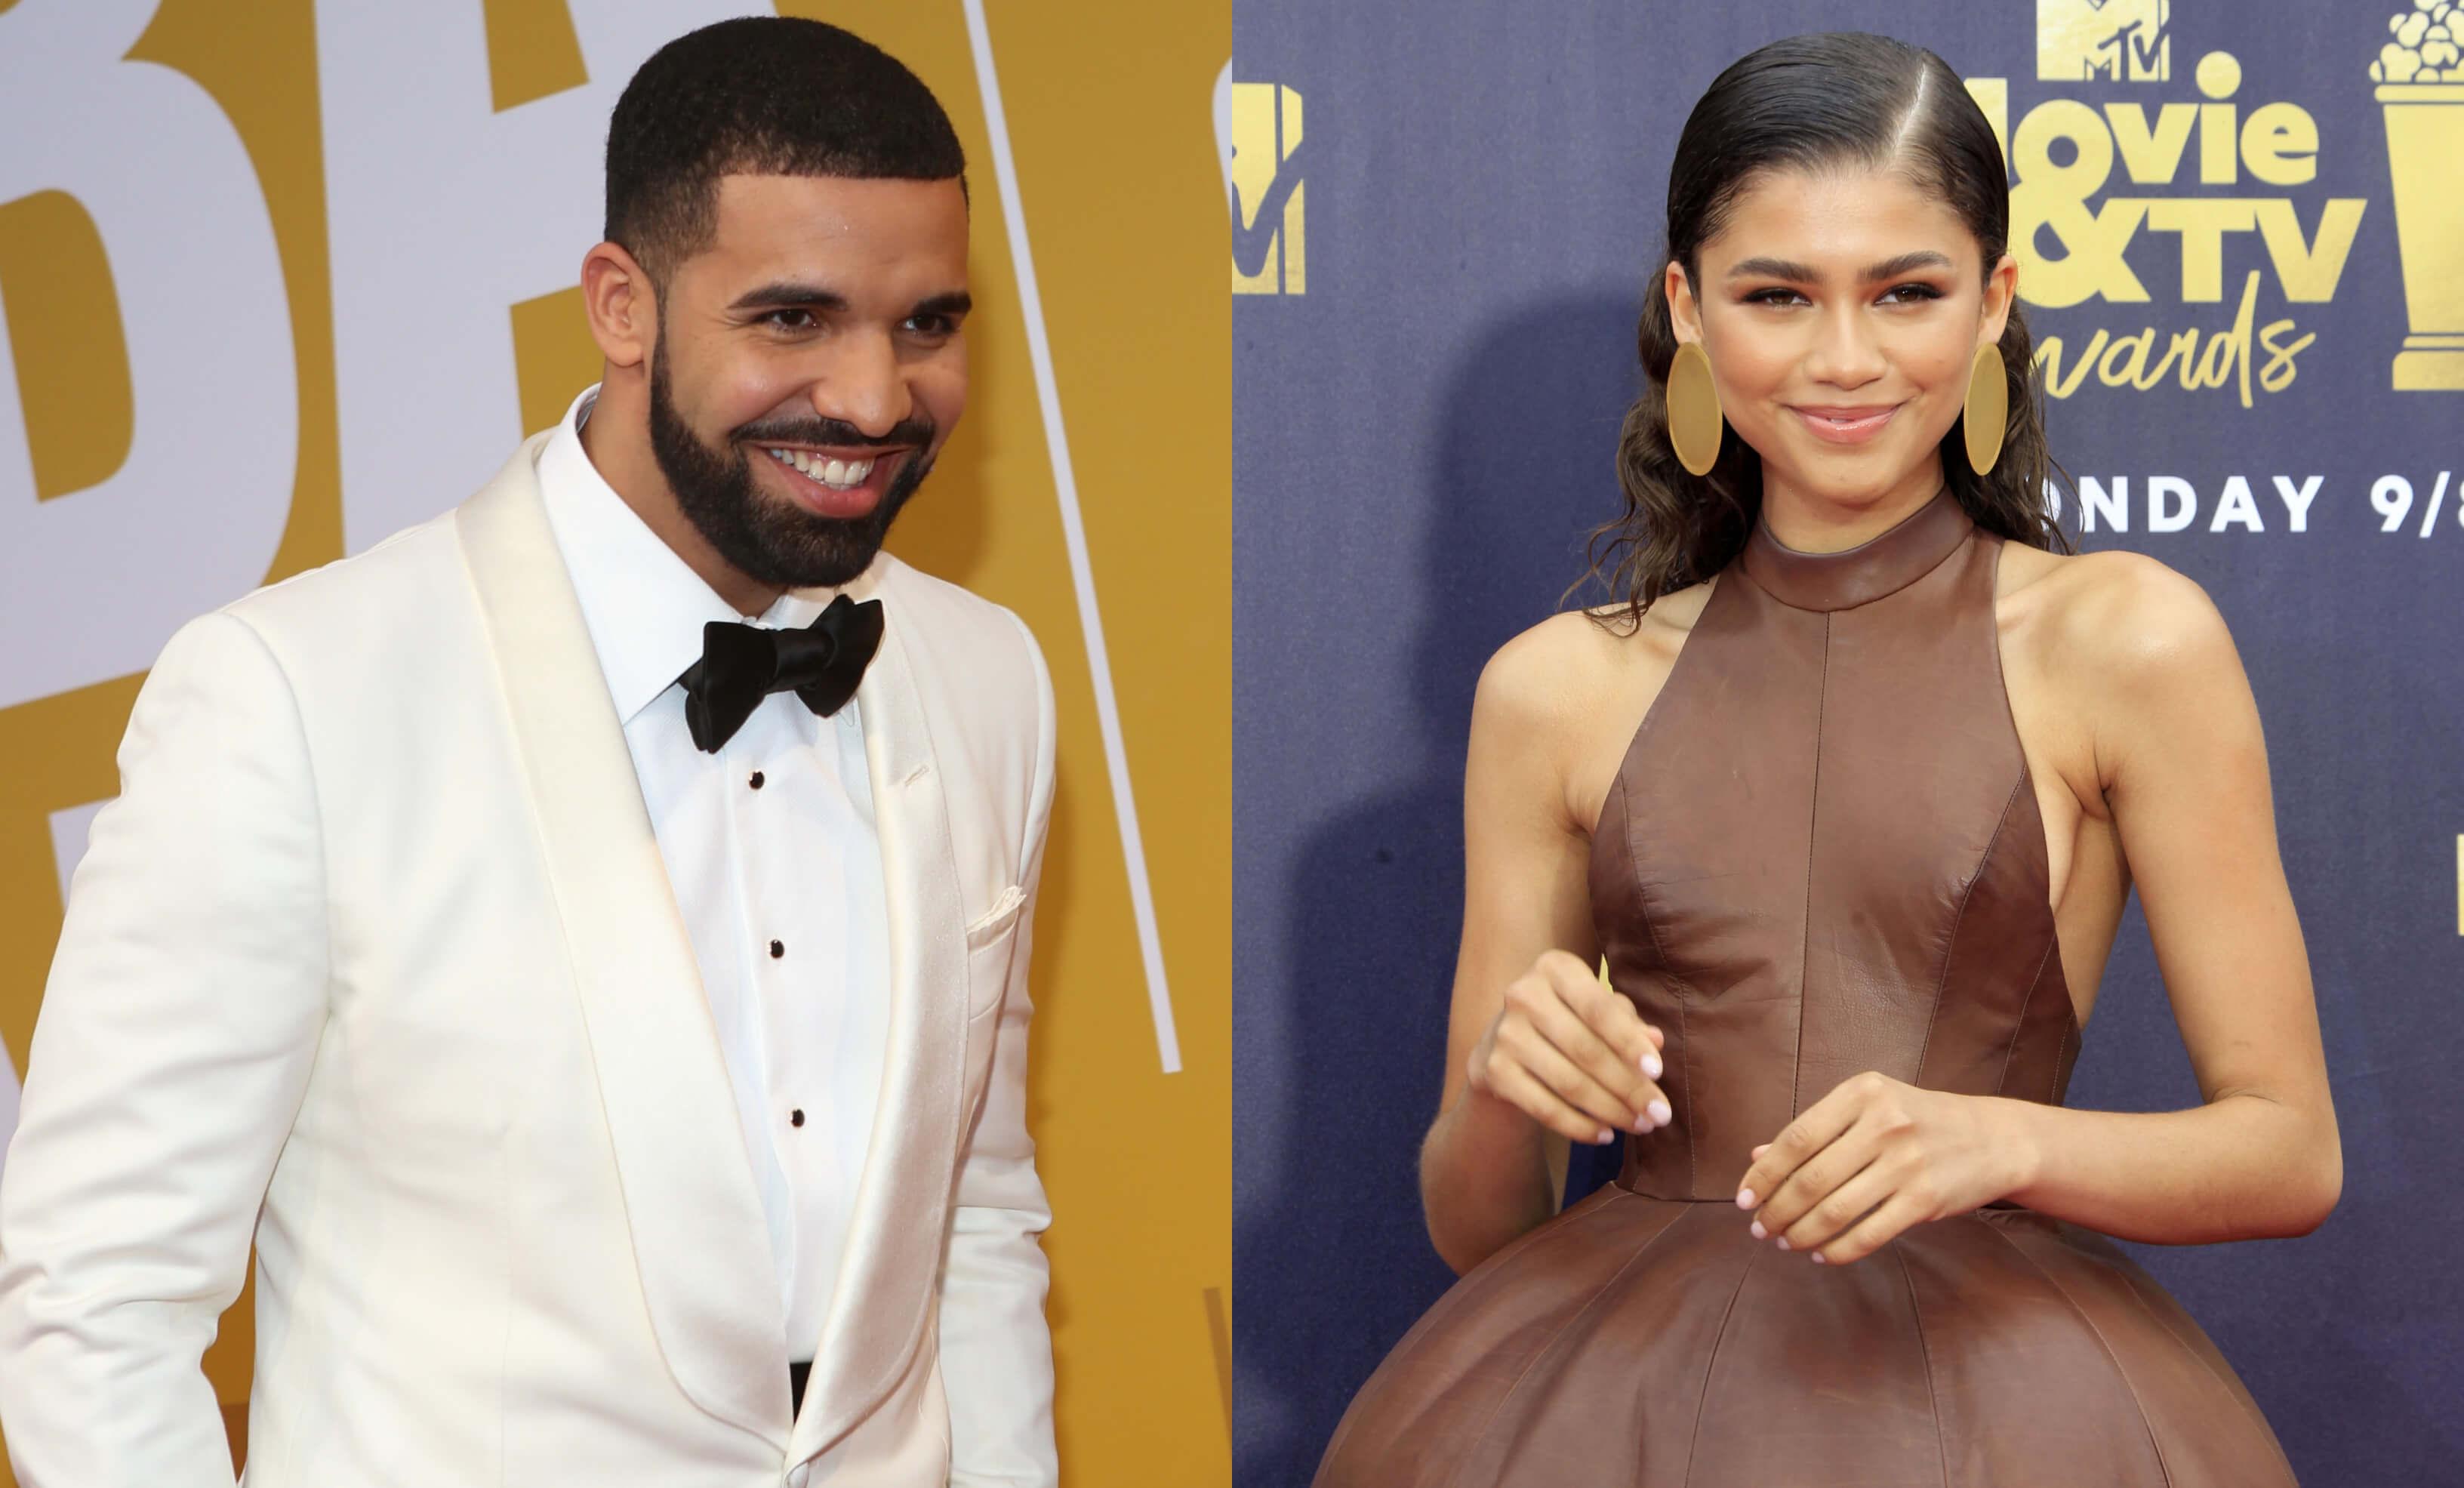 110 - Drake produzirá Euphoria, nova série da HBO